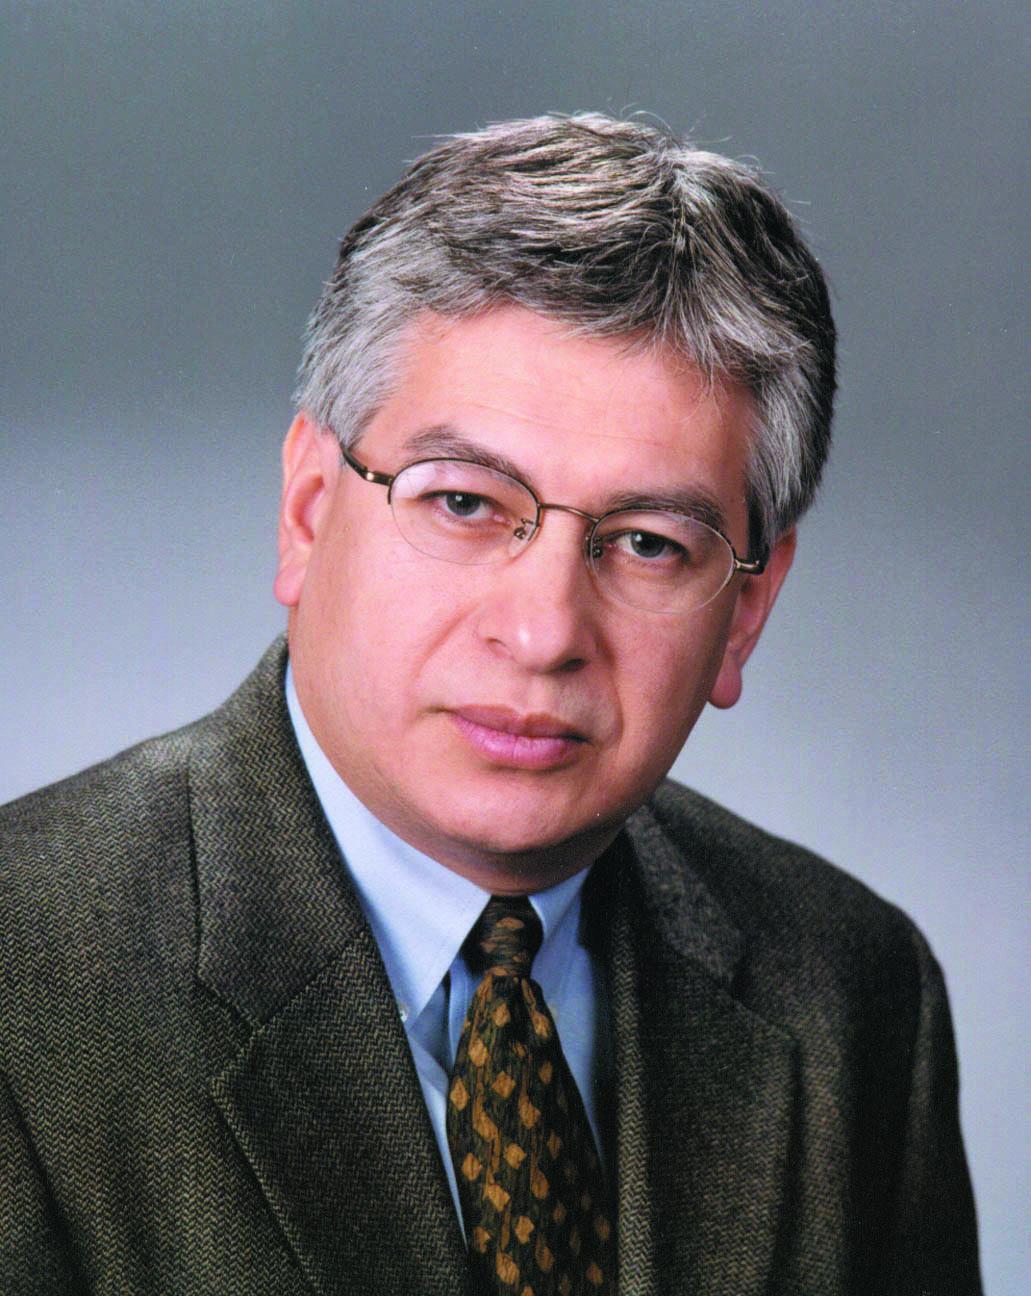 Oscar Macal, MD, FACP - An Employed Provider of Memorial Healthcare